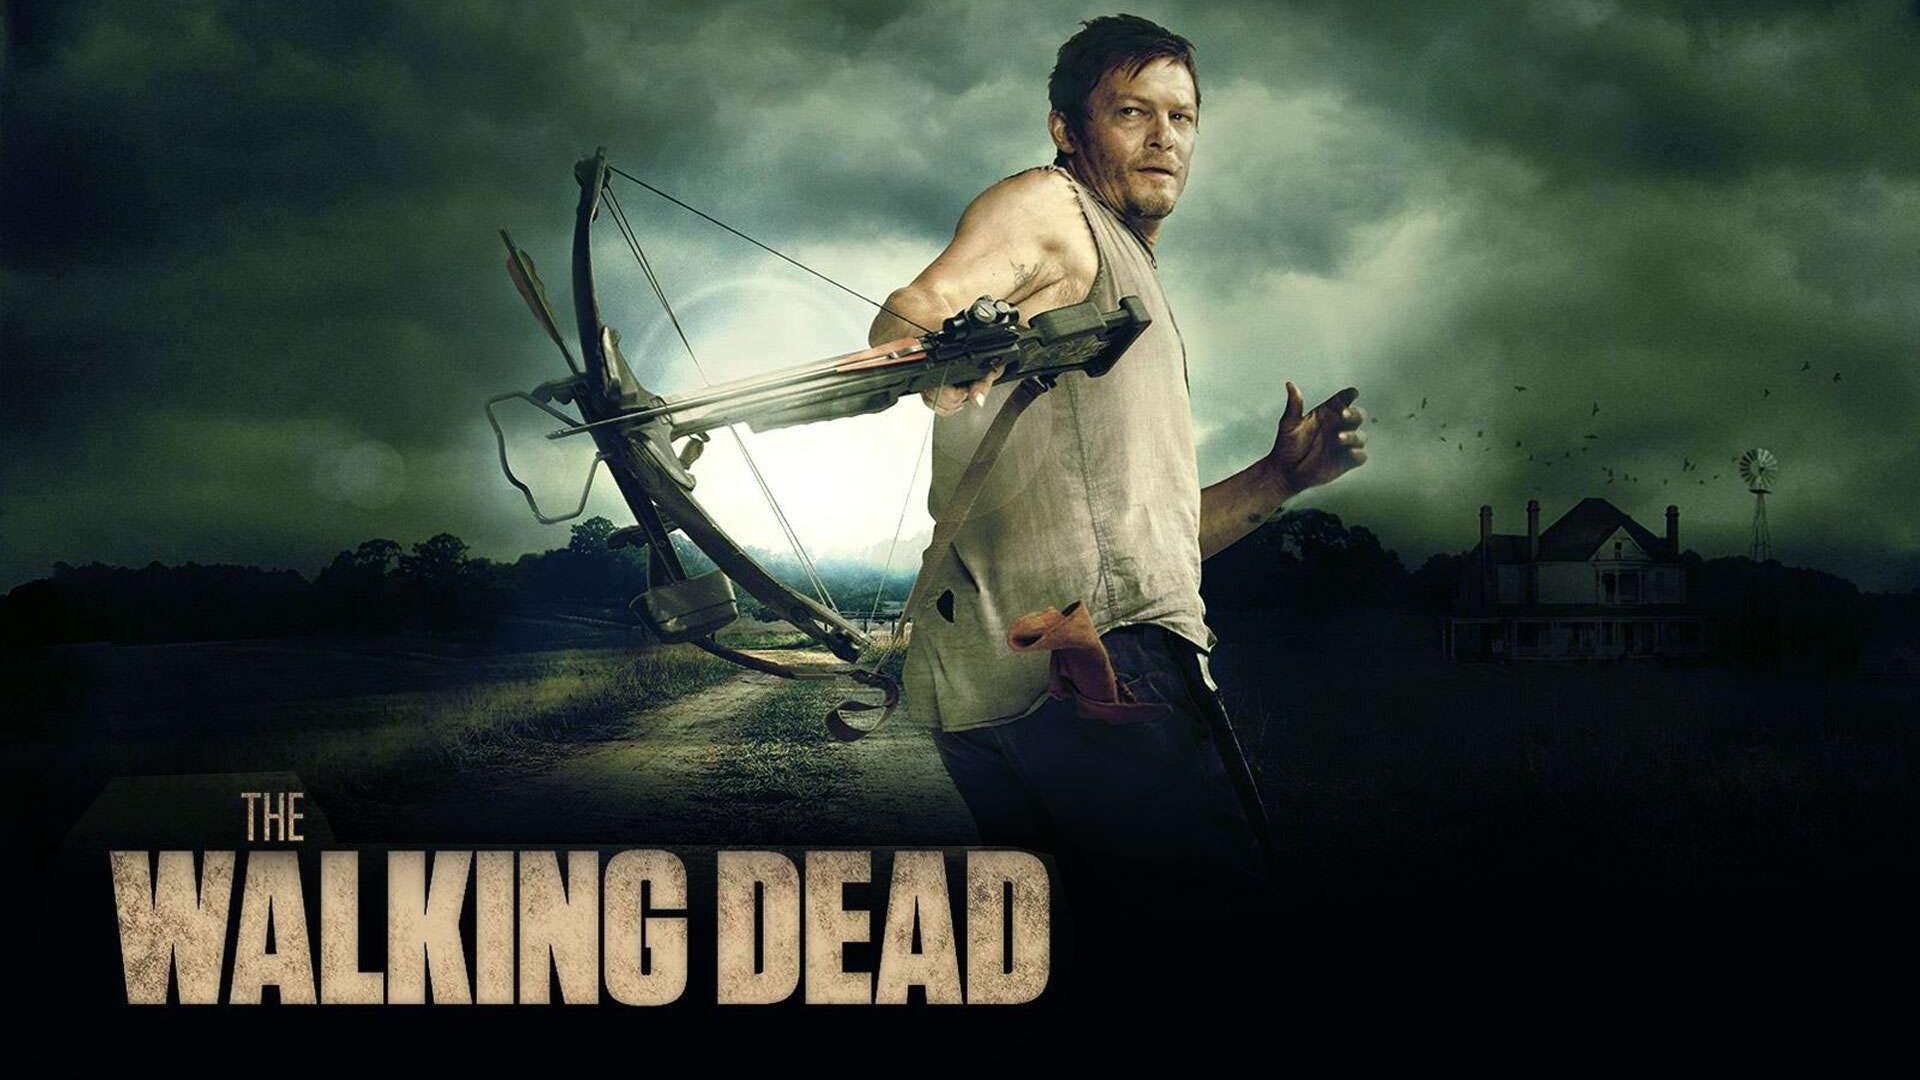 The Walking Dead Wallpaper 10